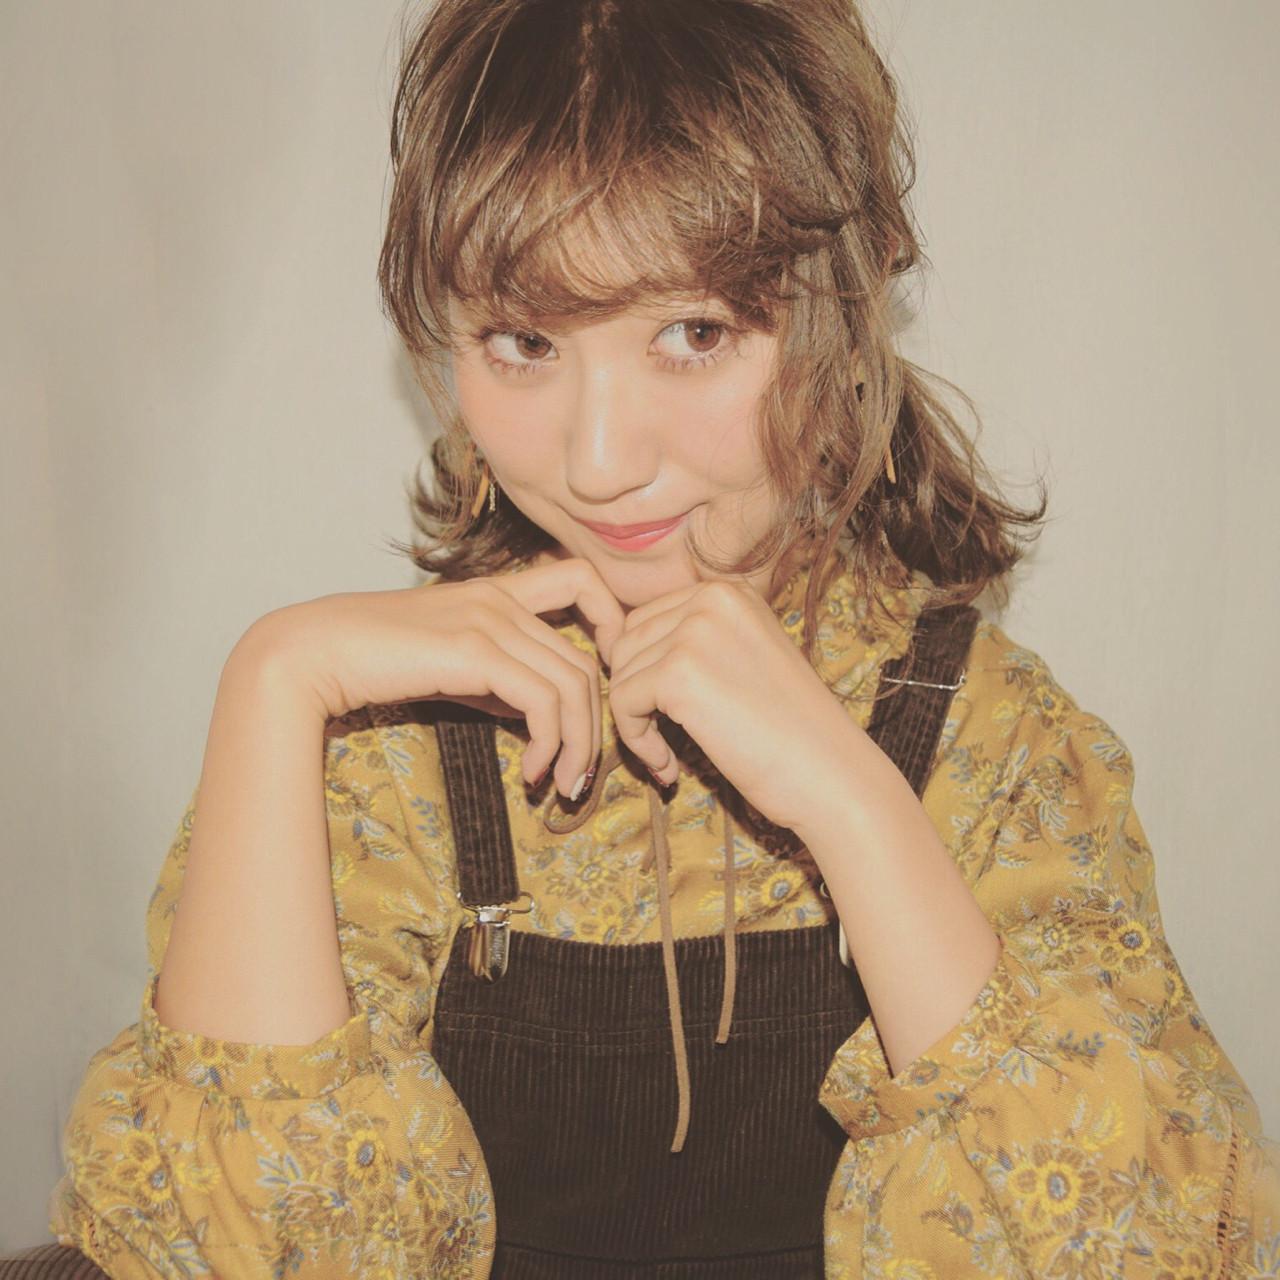 ショートだから似合う!可愛い三つ編みおさげ 徳田 誠也